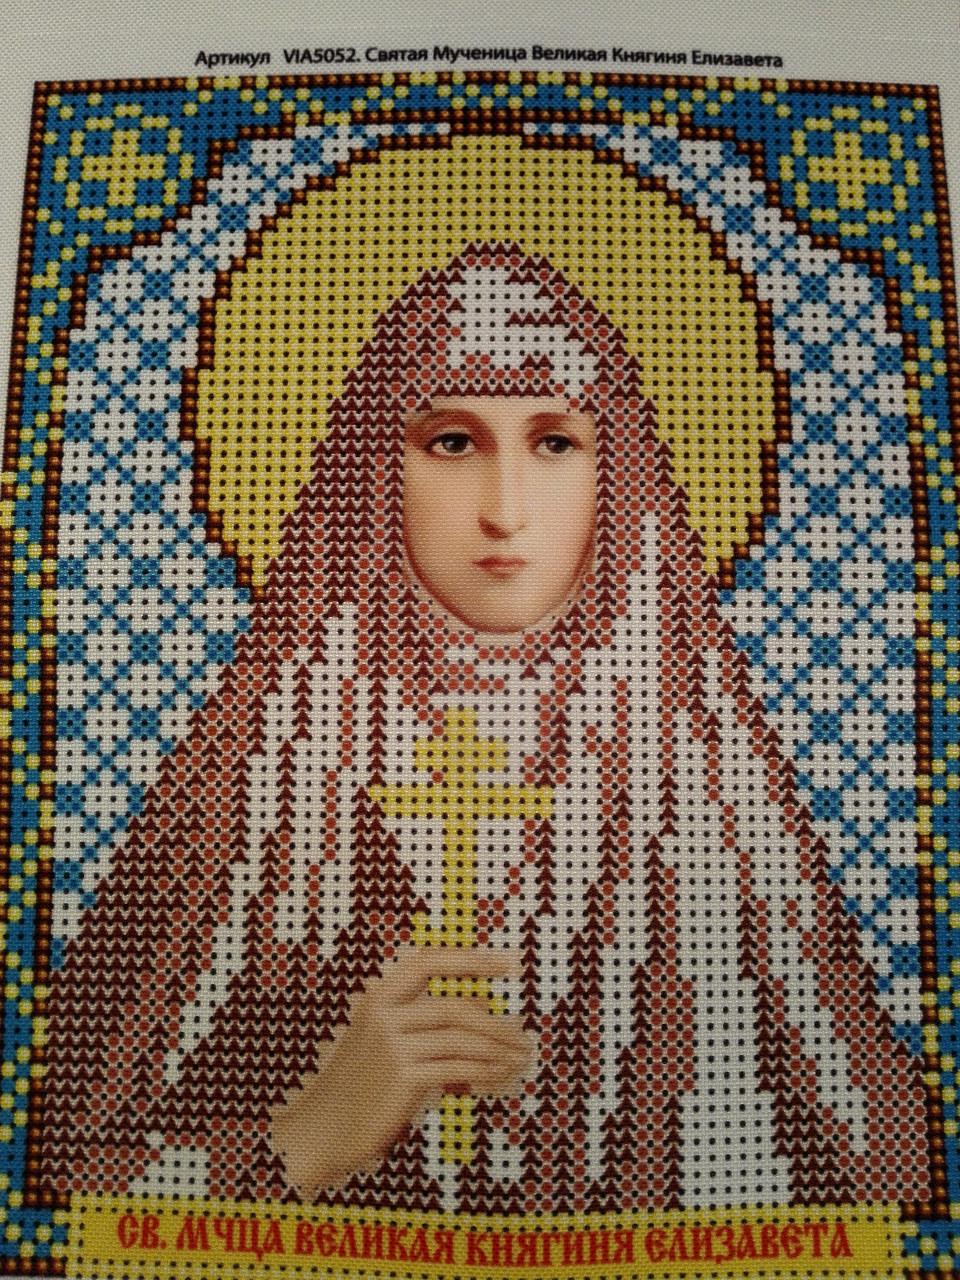 Набор для вышивки бисером икона Святая Мученица Великая Княгиня Елизавета VIA 5052